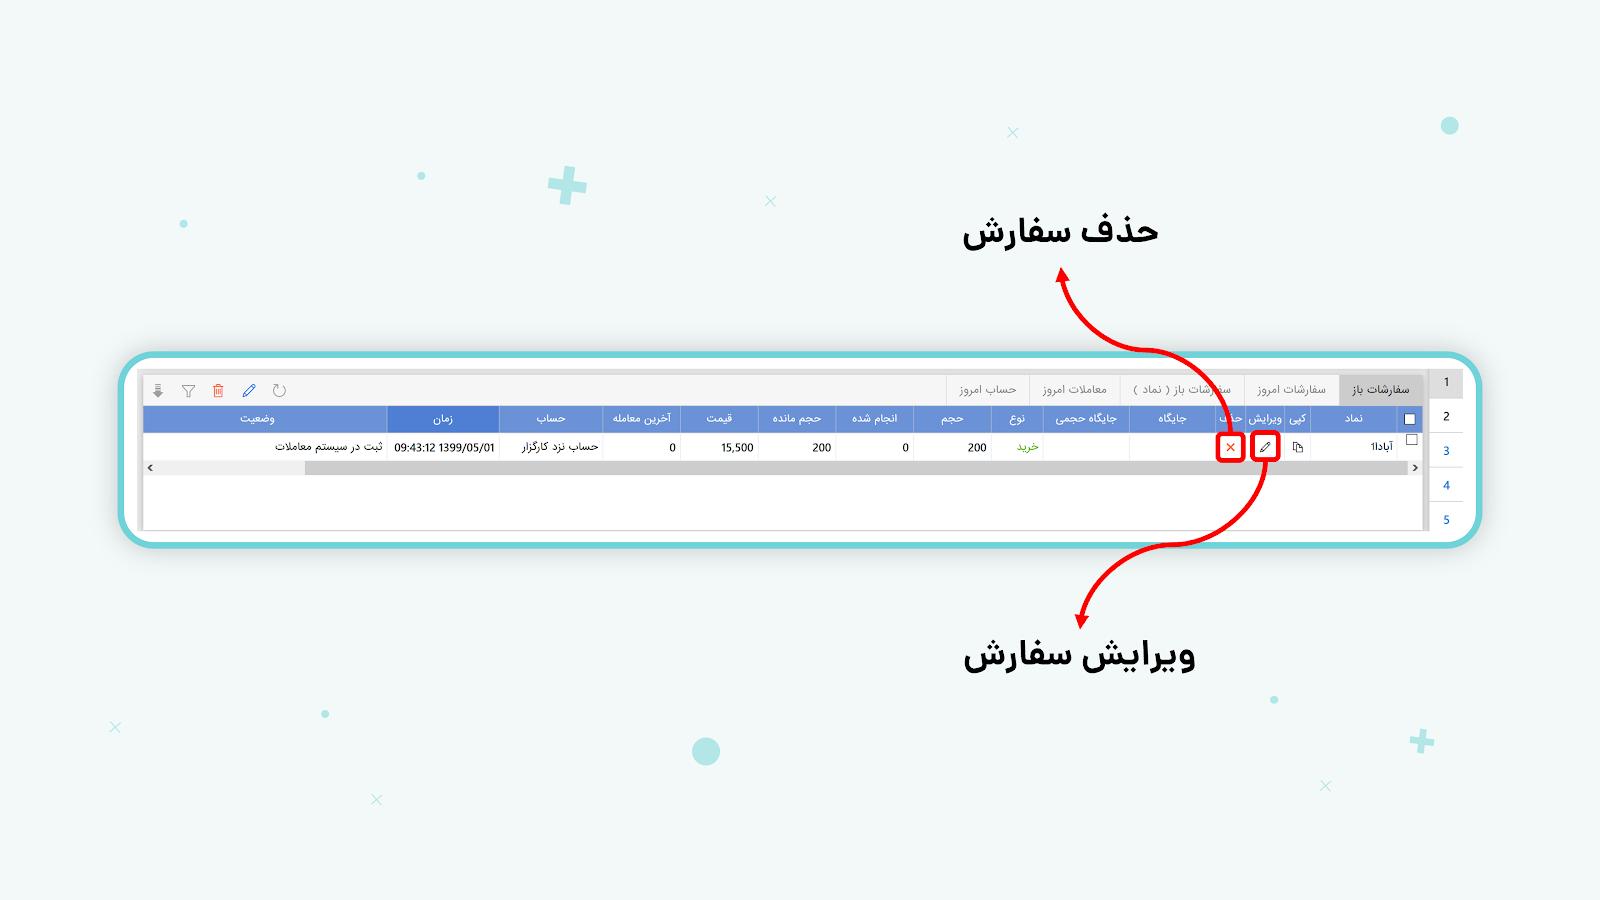 حذف یا ویرایش سفارش در آنلاین پلاس